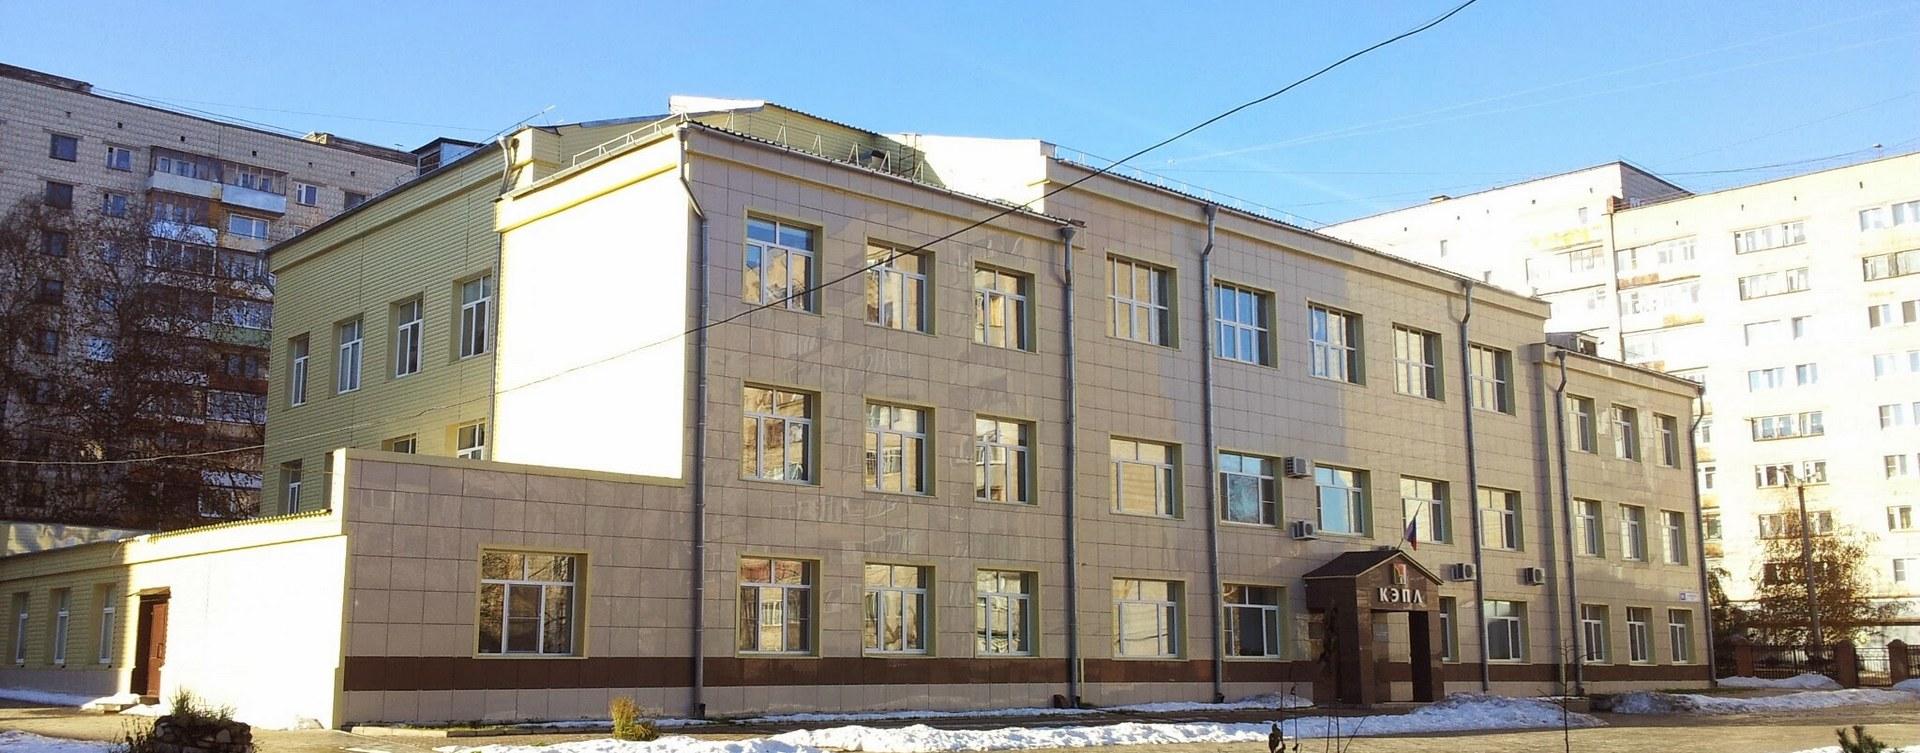 В рейтинге лучших школ страны оказались кировские лицеи